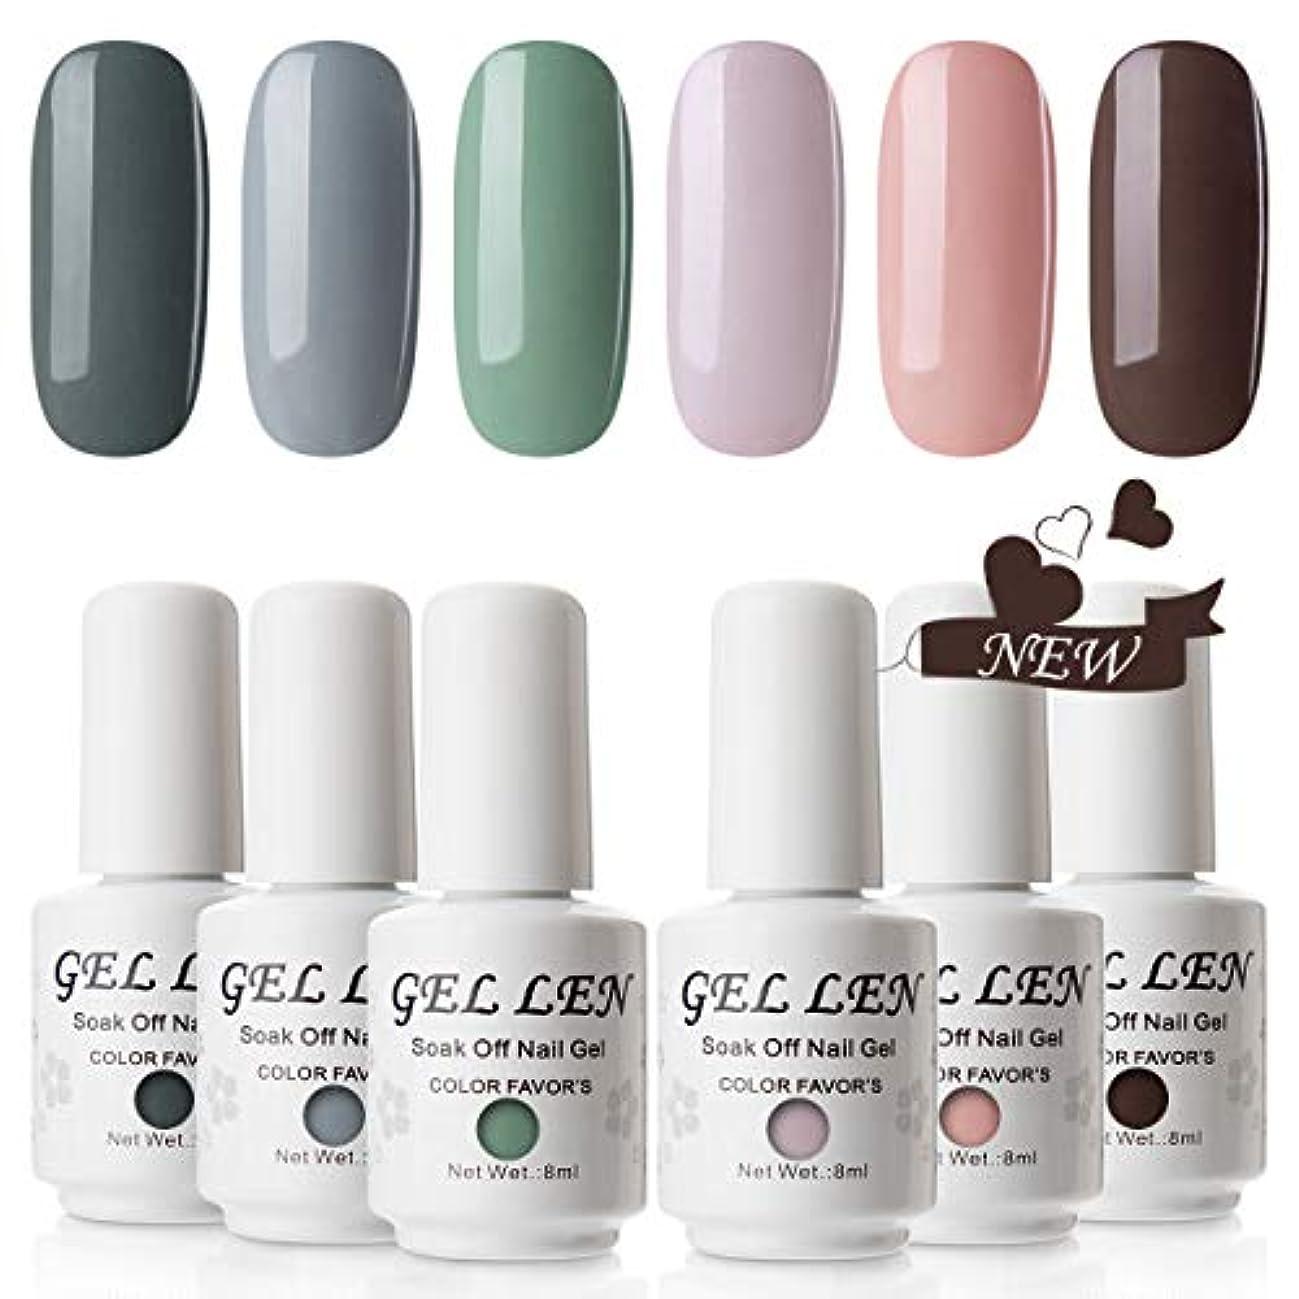 マトロン便益ミントGellen ジェルネイル カラージェル 厳選6色 UV/LED ラメ 全ての女性に愛されるカラー 8ml くすみカラー 和色